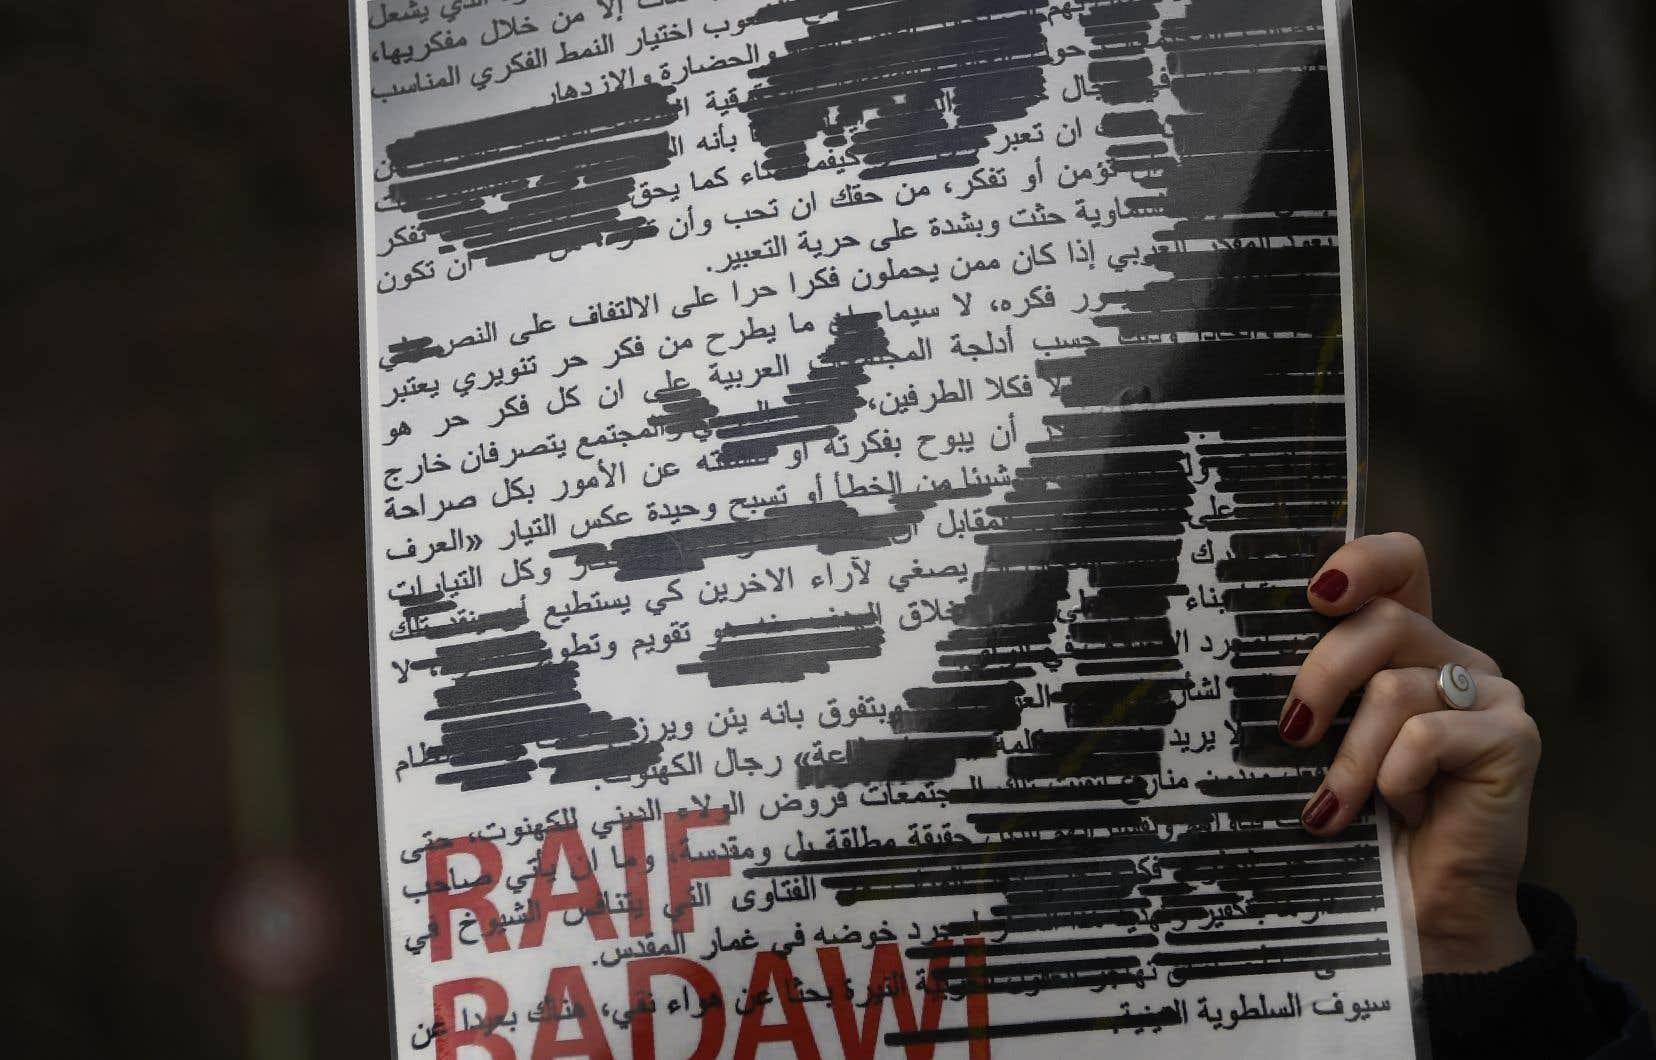 Accusé d'avoir publié des écrits critiques, Raïf Badawi avait été condamné à 10 ans de prison et à 1000 coups de fouet en juin 2012.